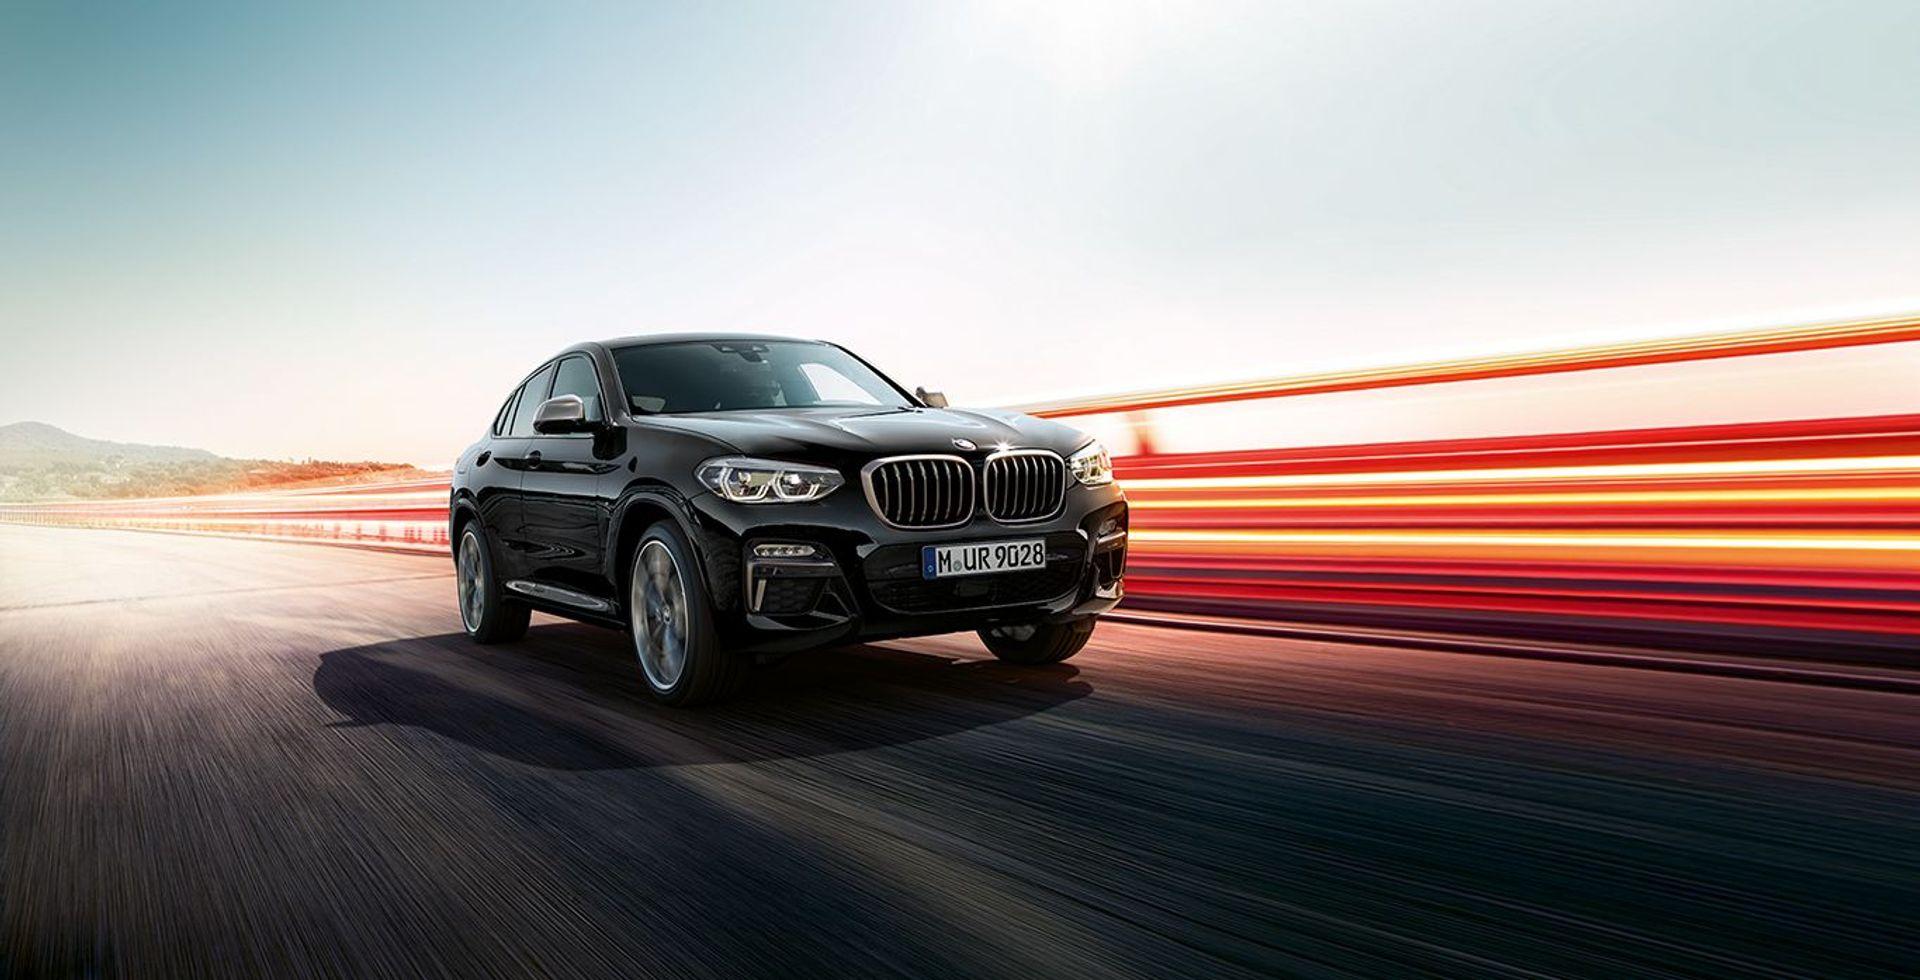 BMW X4 MHT image